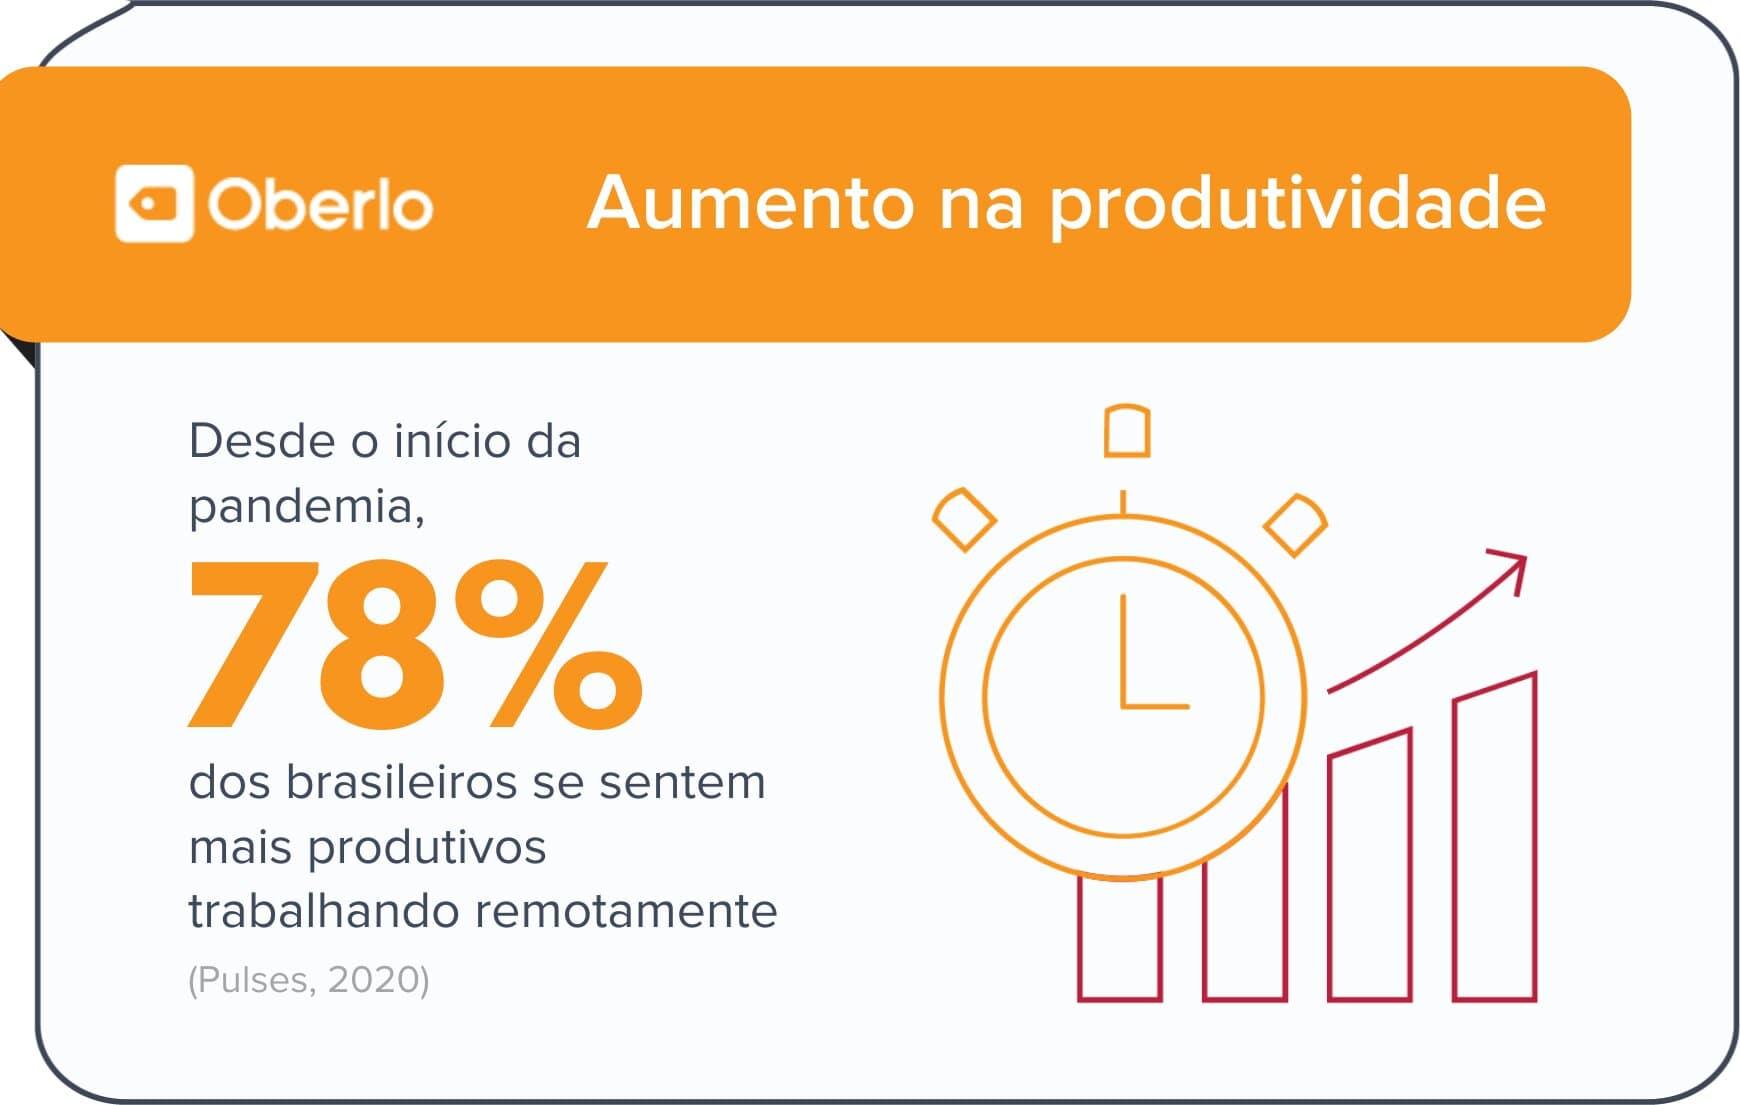 Trabalhar de casa aumenta a produtividade